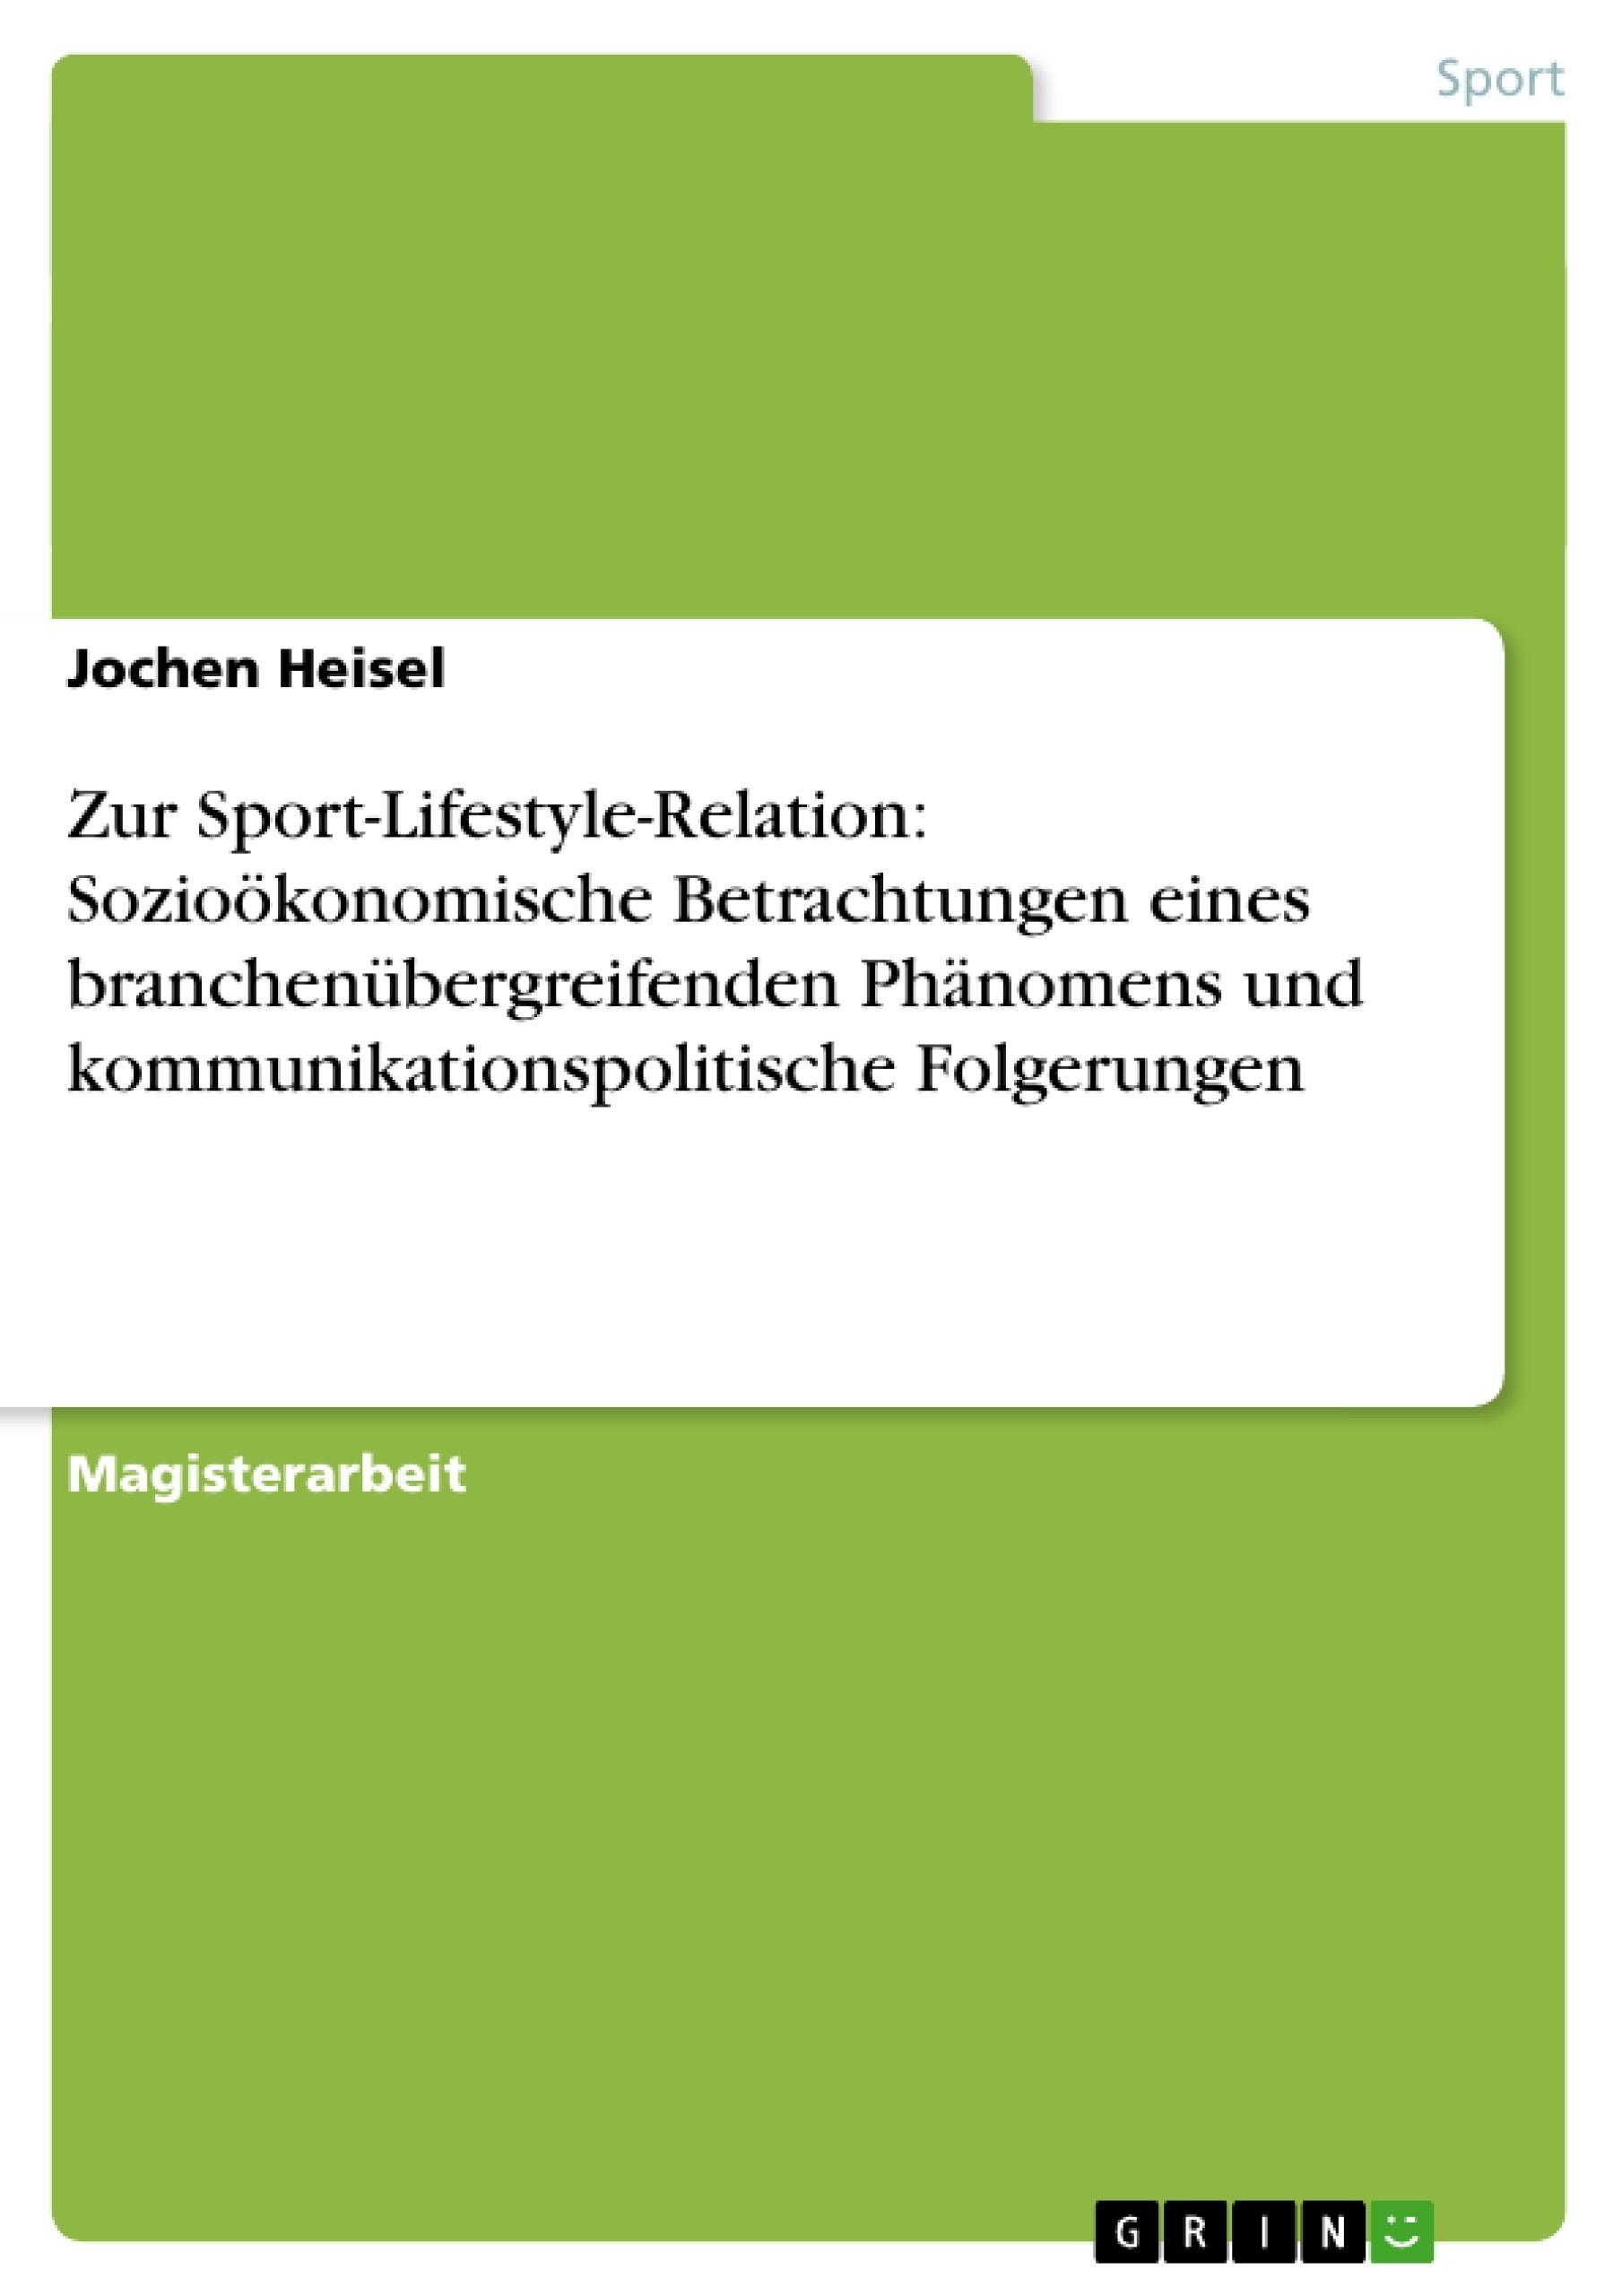 PUMA: Der erfolgreiche Wandel zur Life-Style-Marke (German Edition)